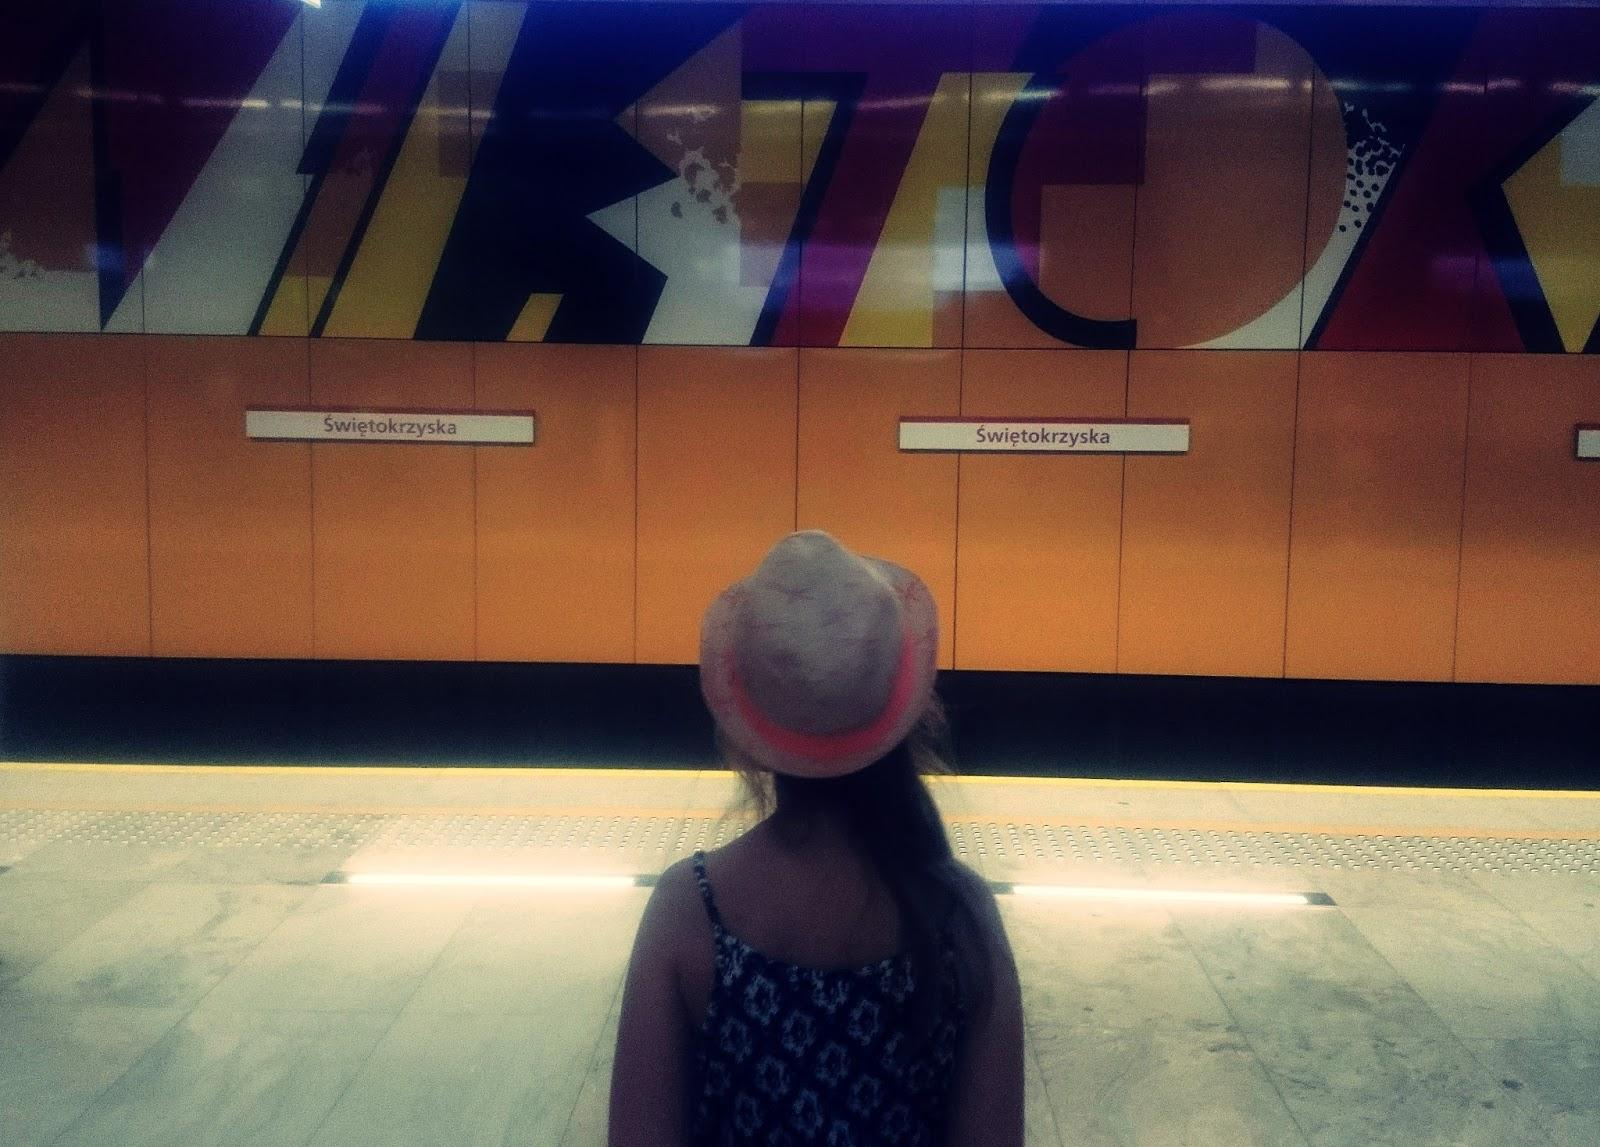 metro, Świętokrzyska, M-ka